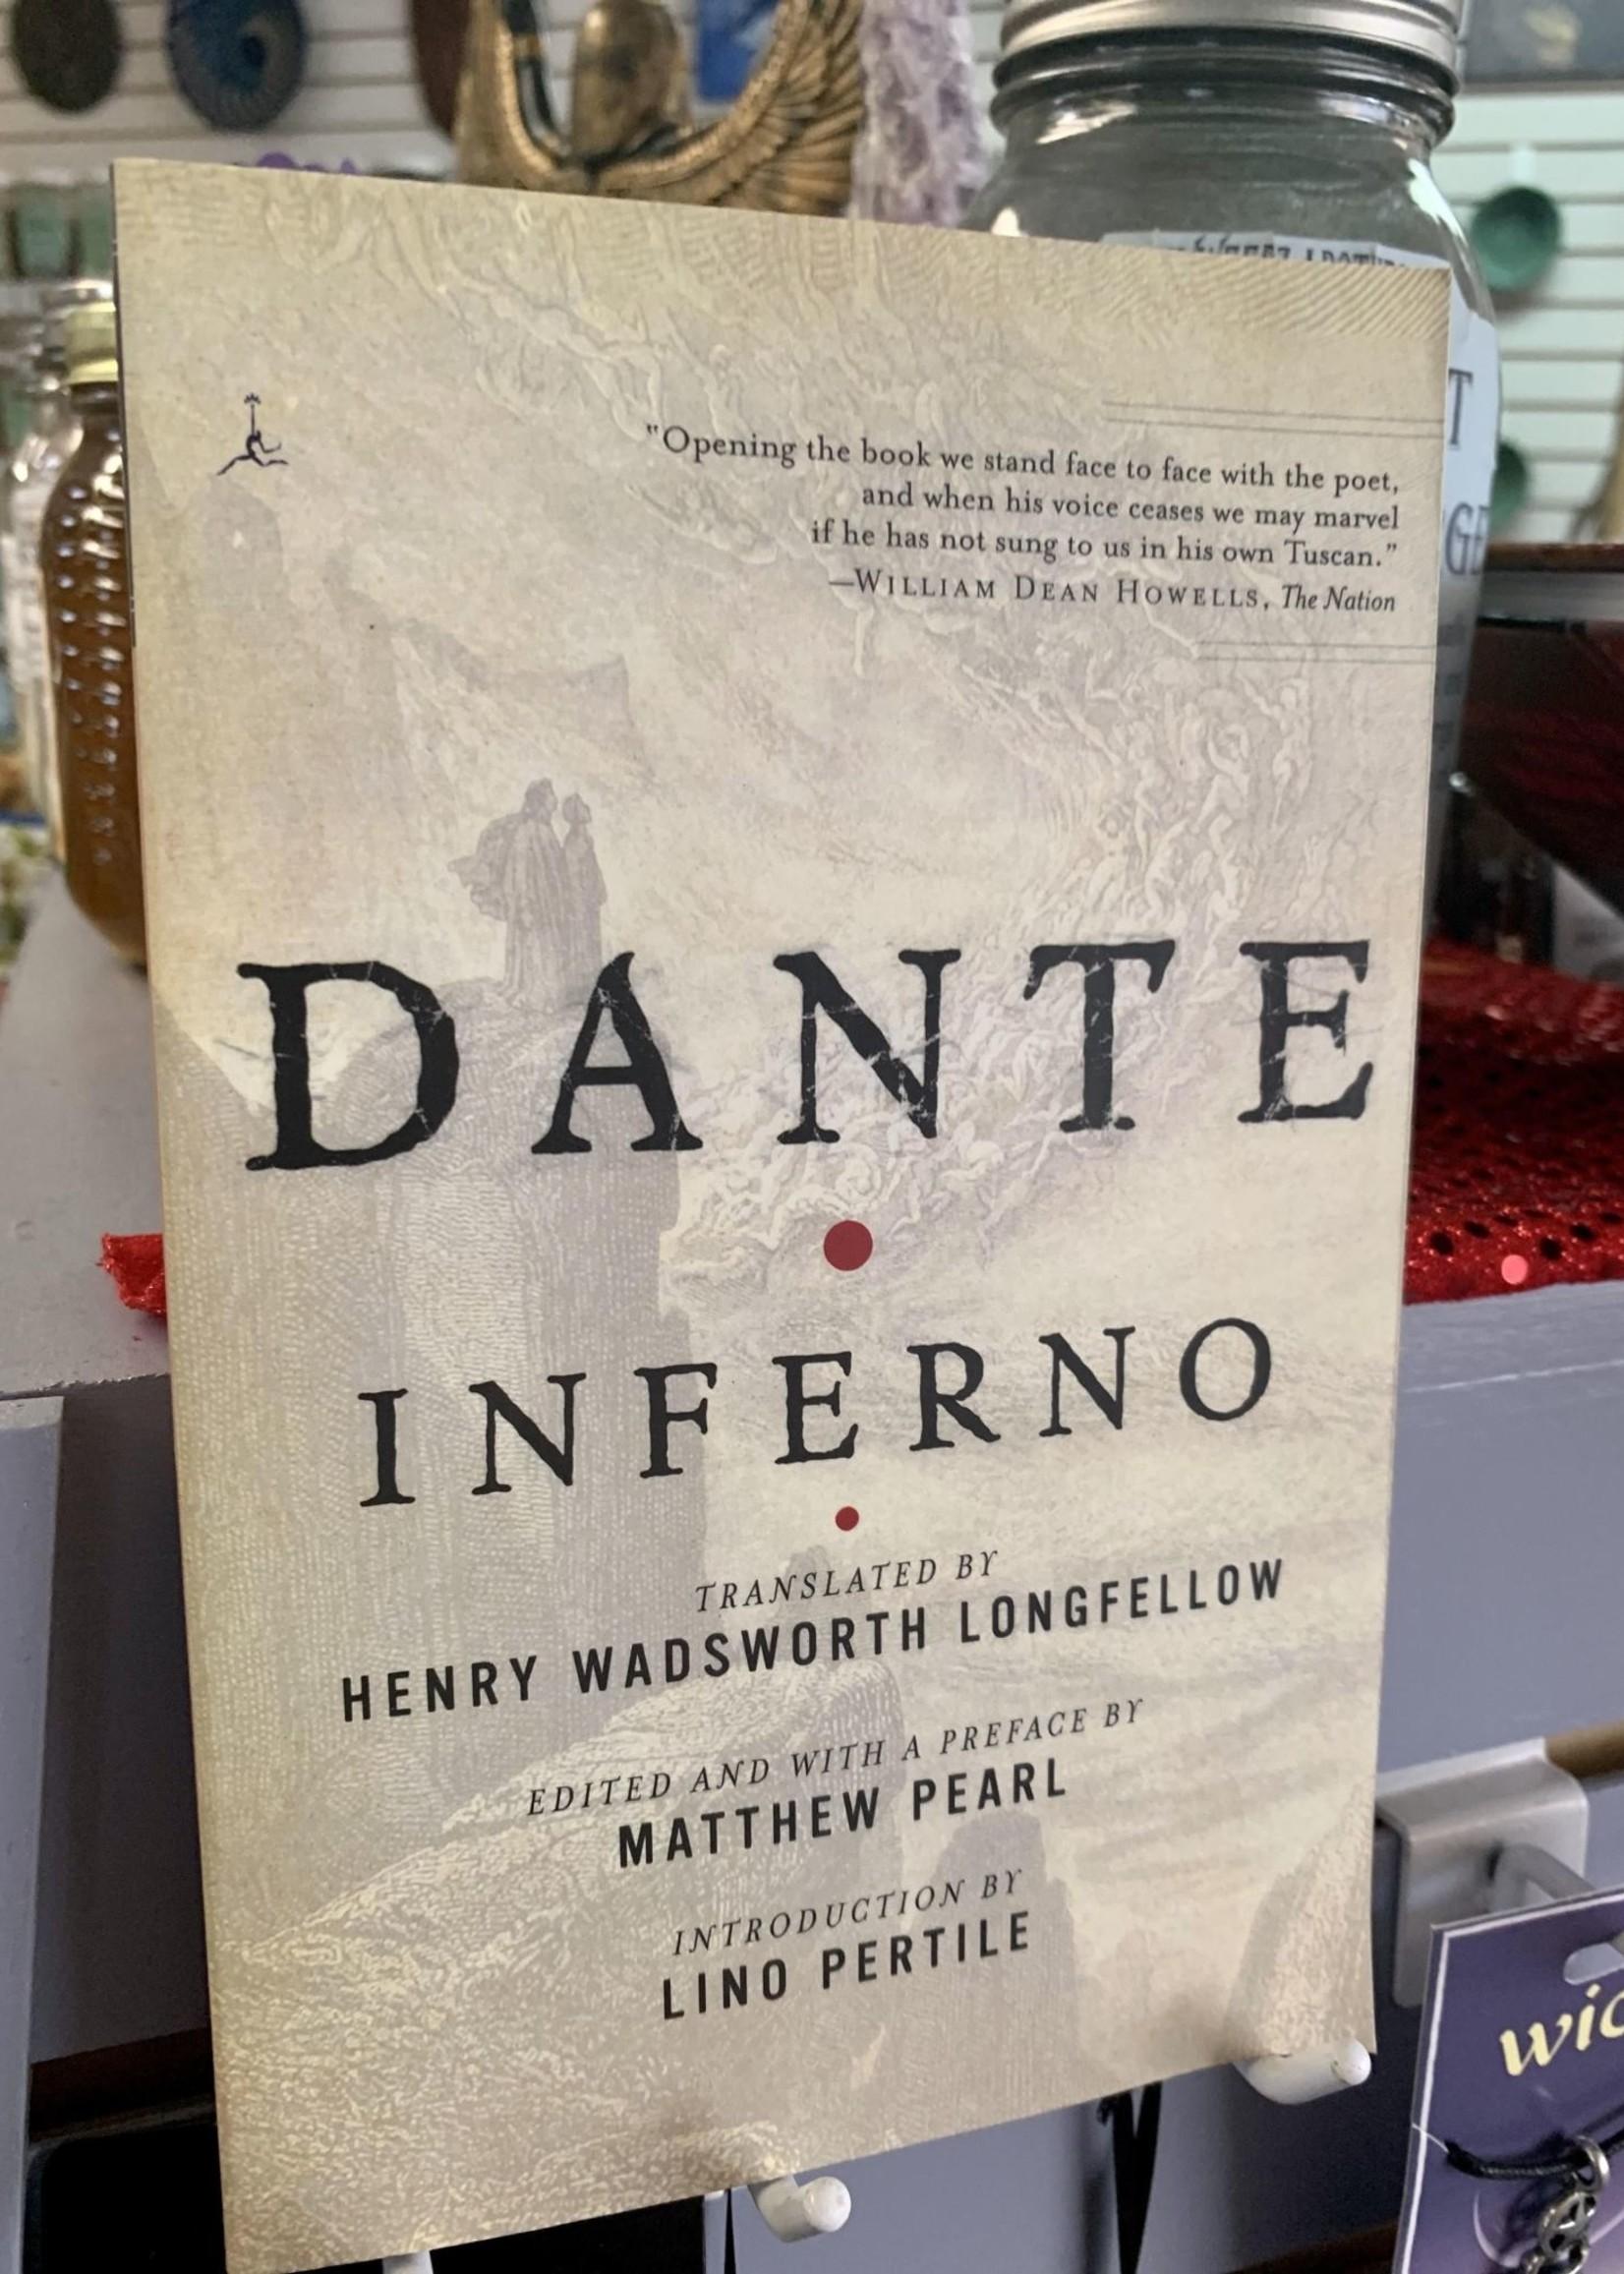 Dante - Inferno